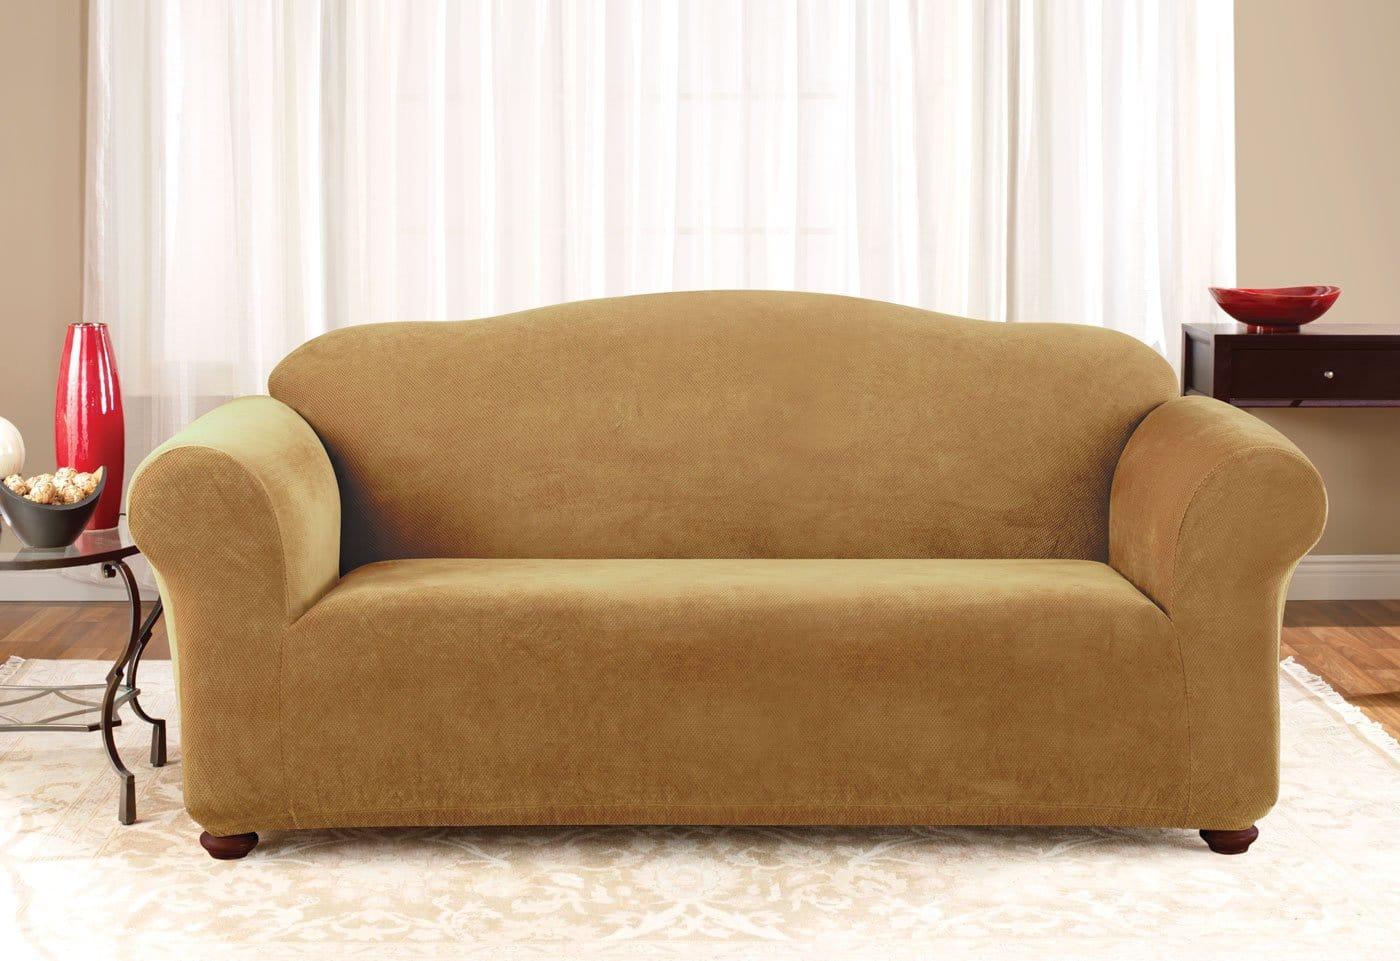 durham one piece sofa slipcover specialists stretch pique surefit